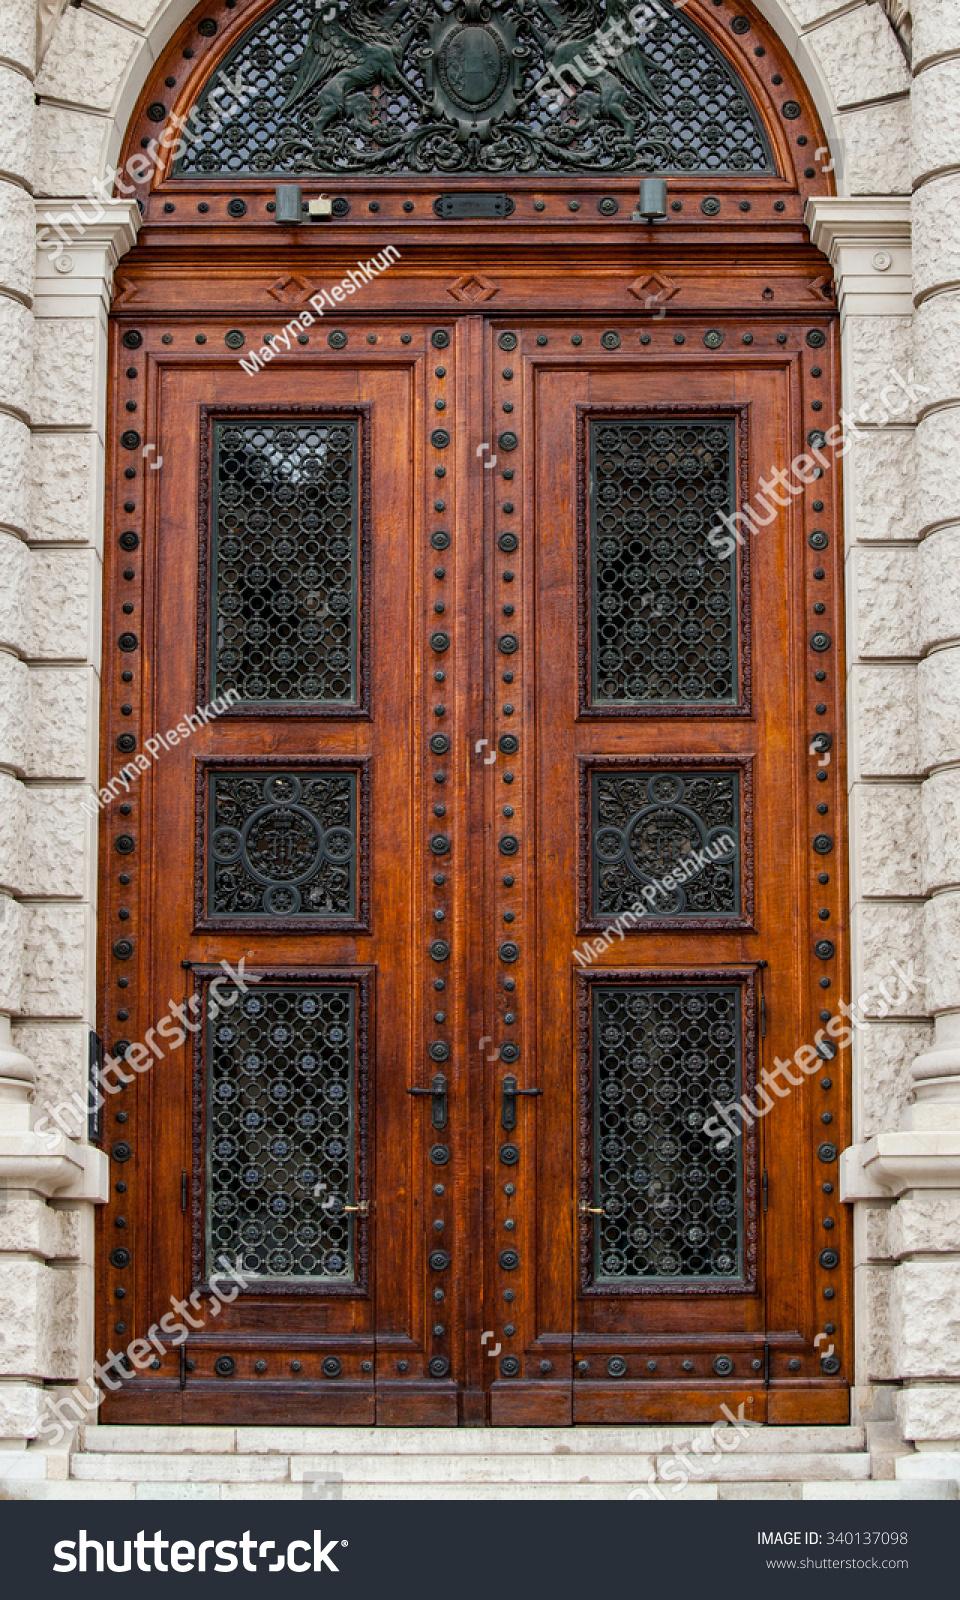 Doors of Museum of Art History Vienna Austria & Doors Museum Art History Vienna Austria Stock Photo 340137098 ...